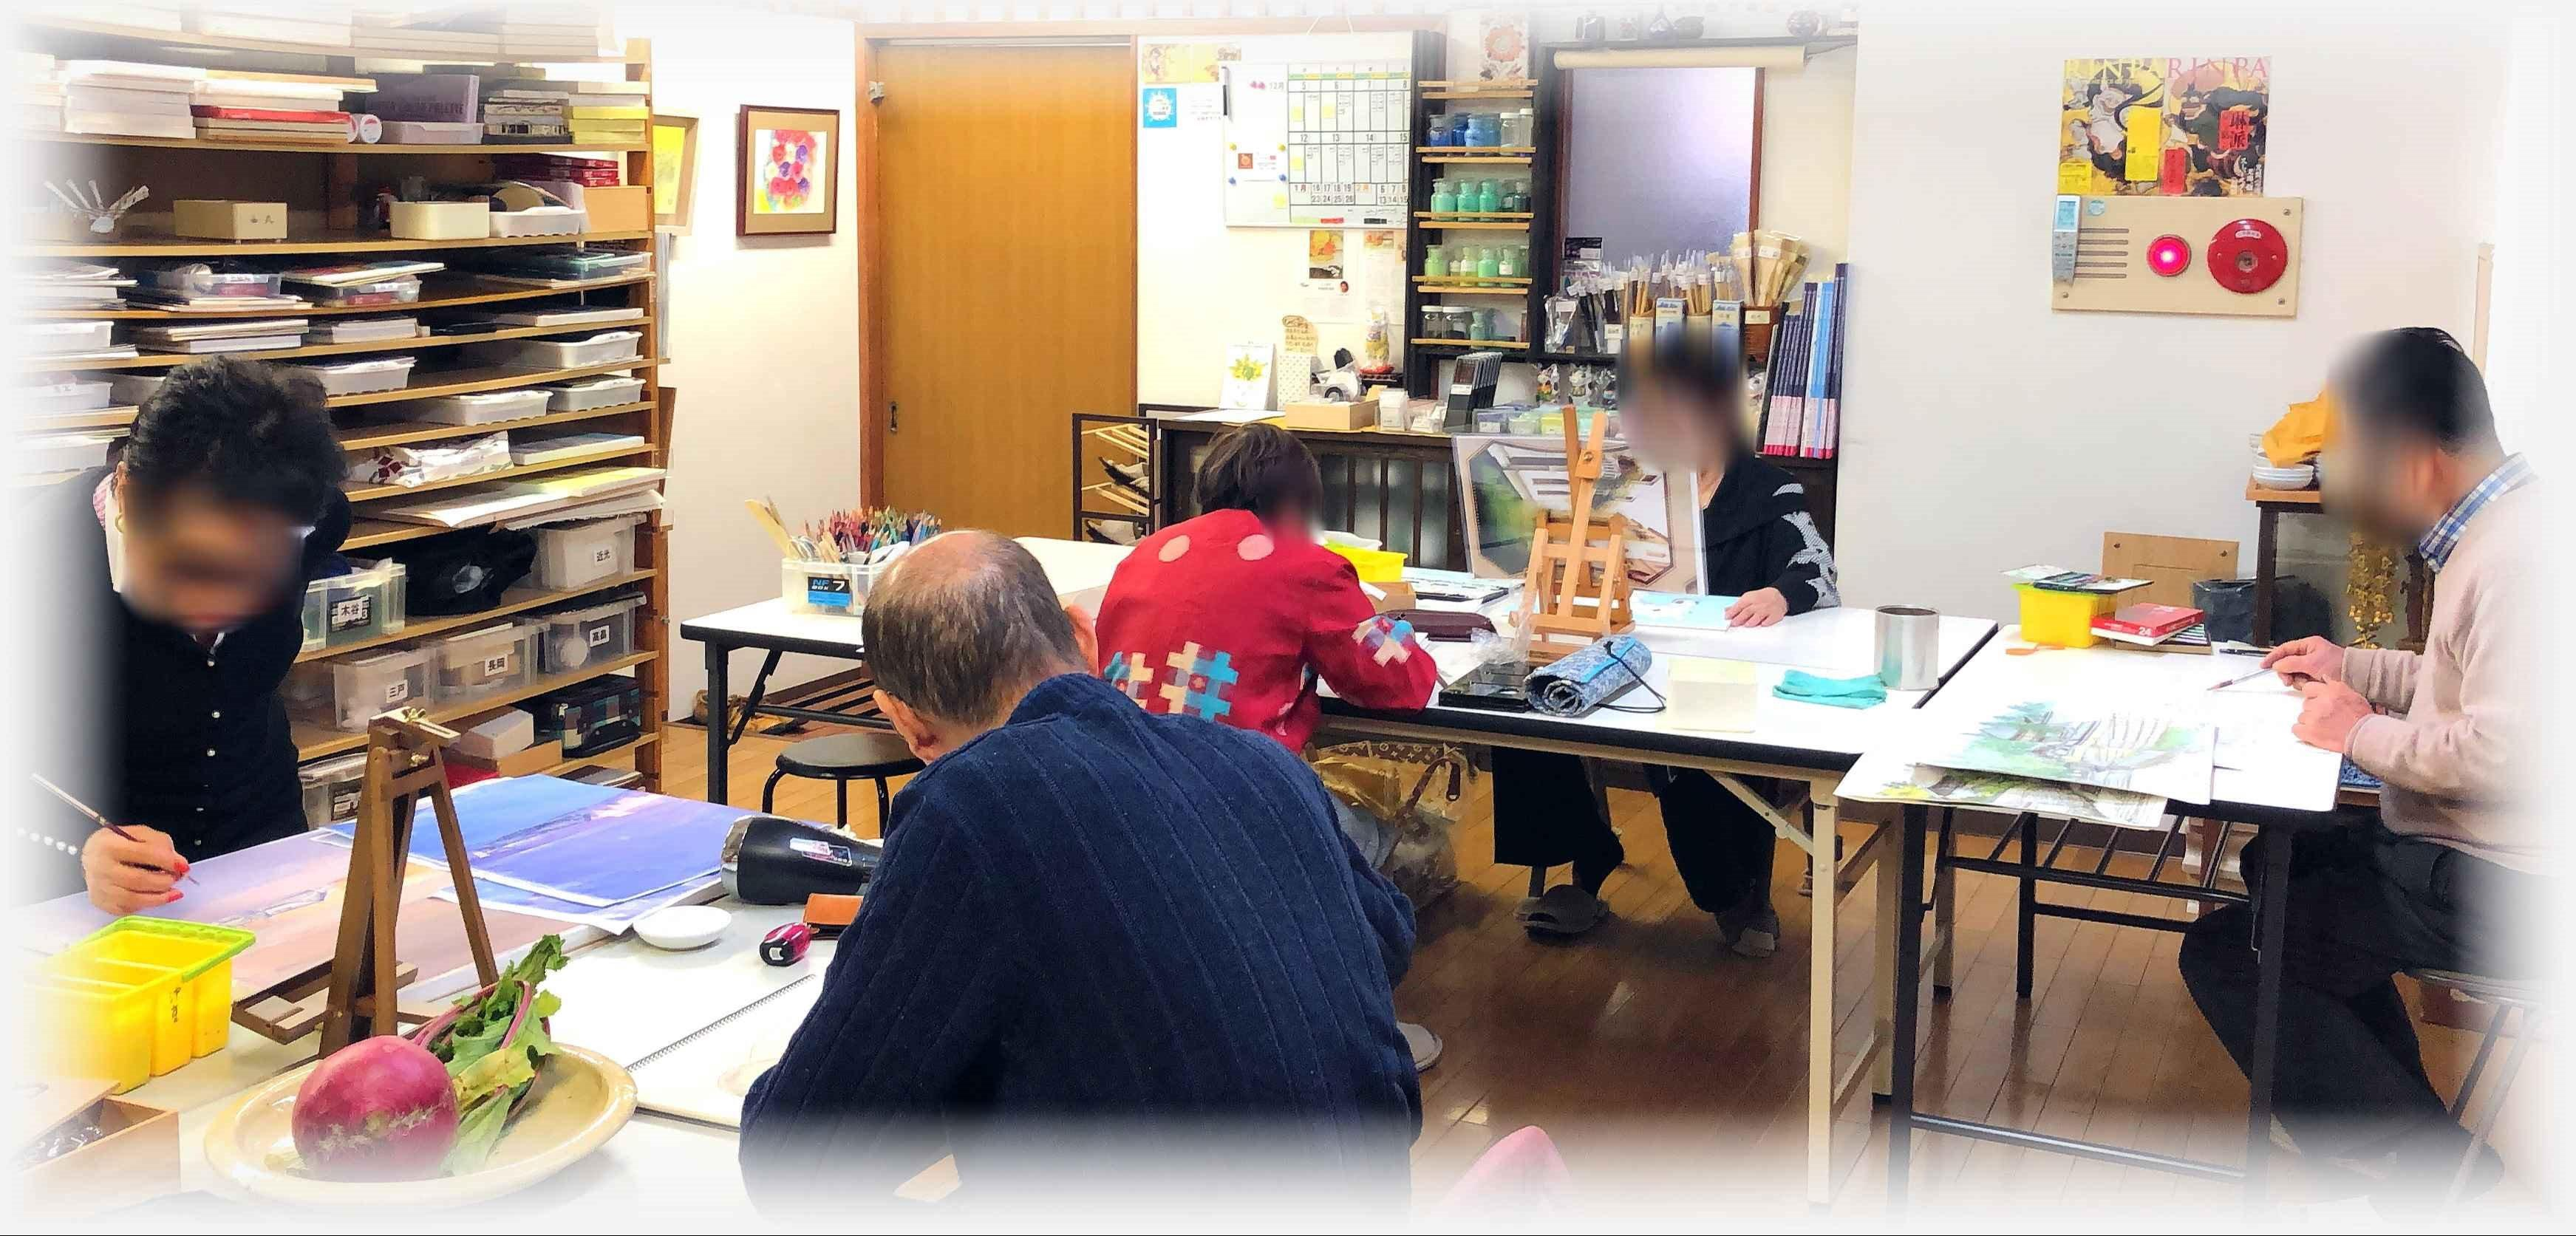 絵画教室西原 銀山校/広島市中区 デッサン・水彩画・アクリル画・日本画